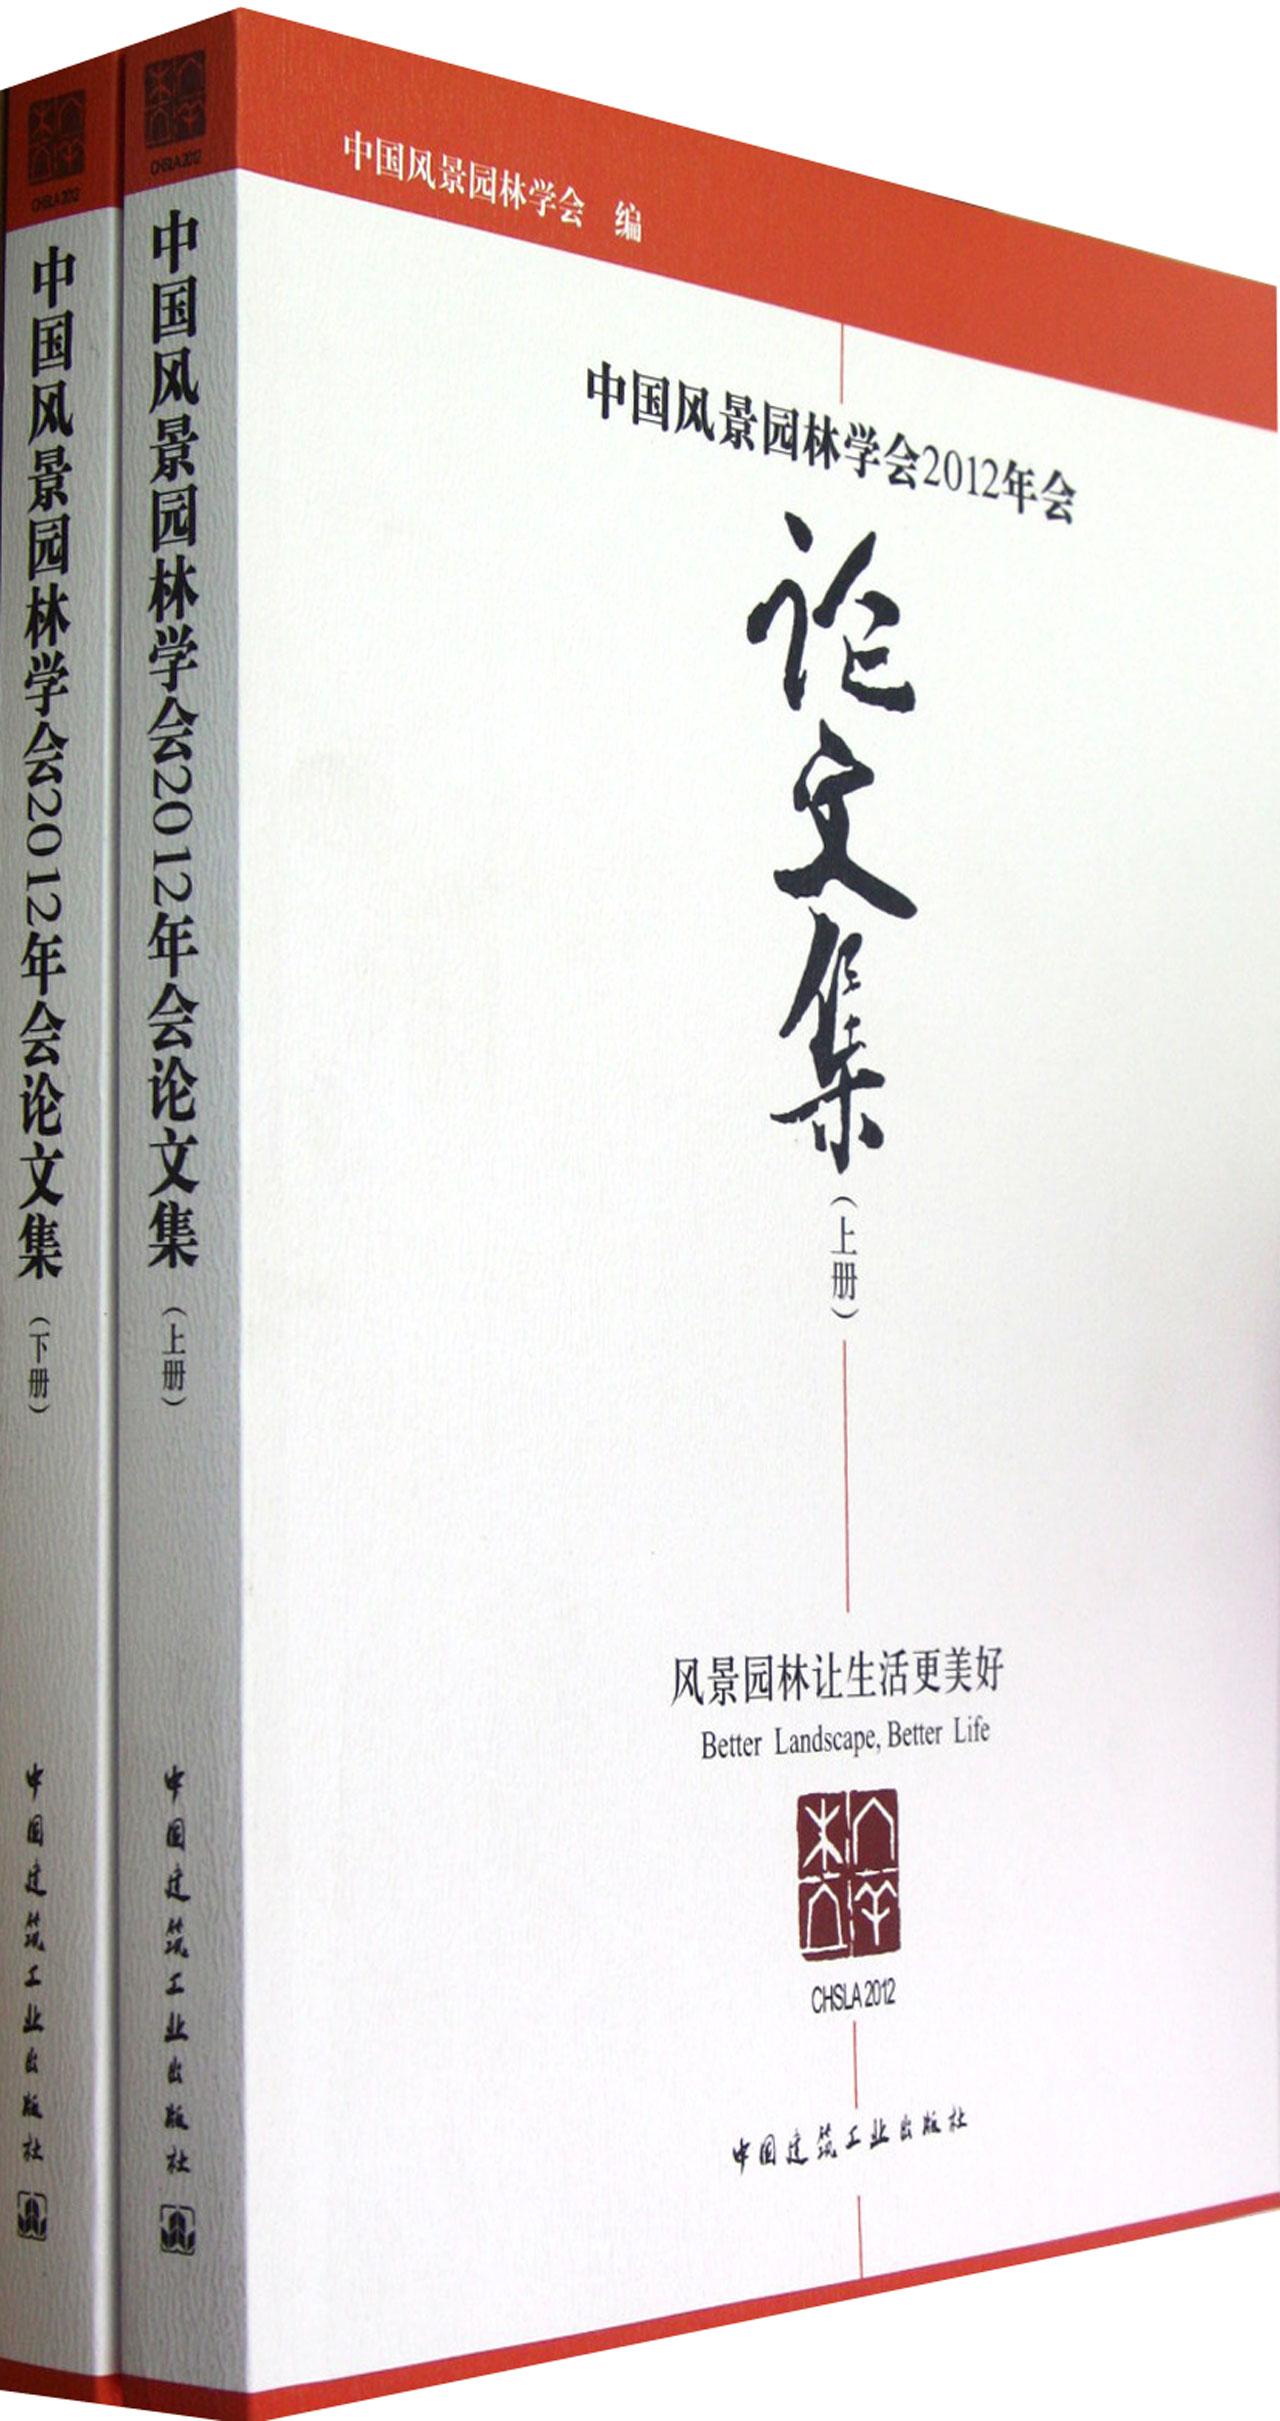 中国风景园林学会2012年会论文集(上下)